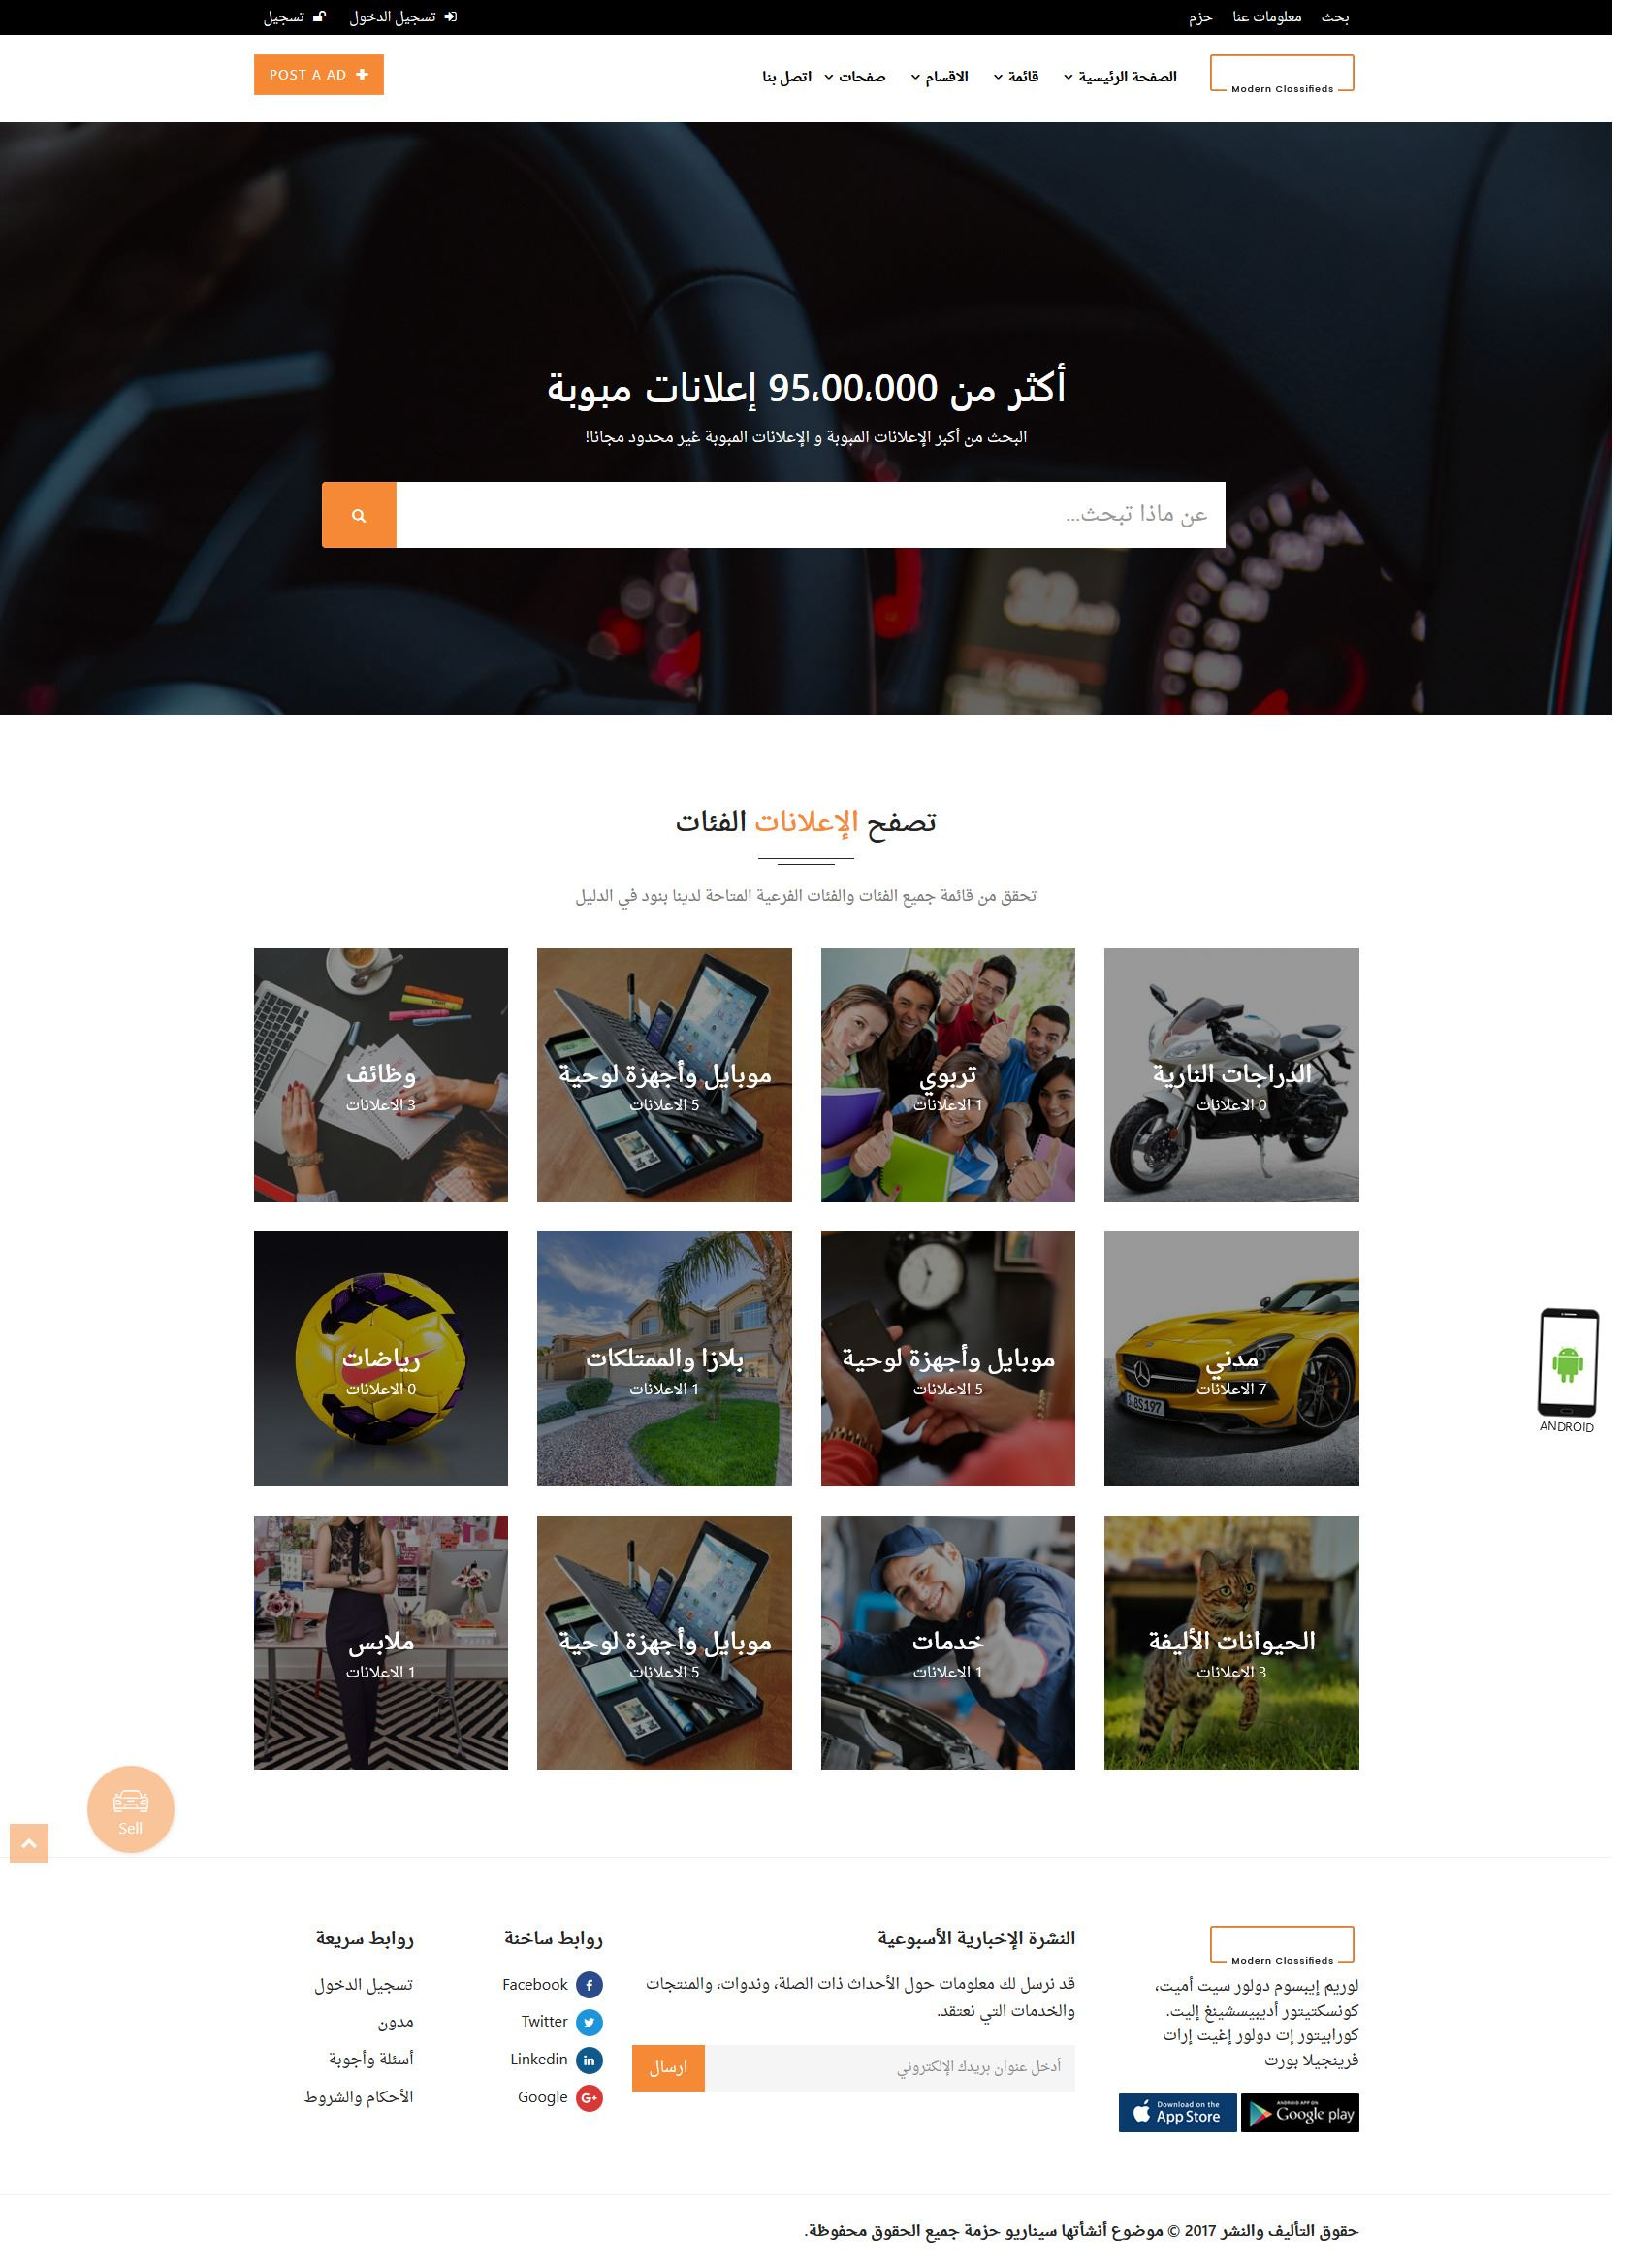 2c836d933 تصميم برنامج موقع سوق تسوق تسويق اعلانات مبوبة - صفحة موقع واجهة شاملة  تصنيفات وعروض اعلانية